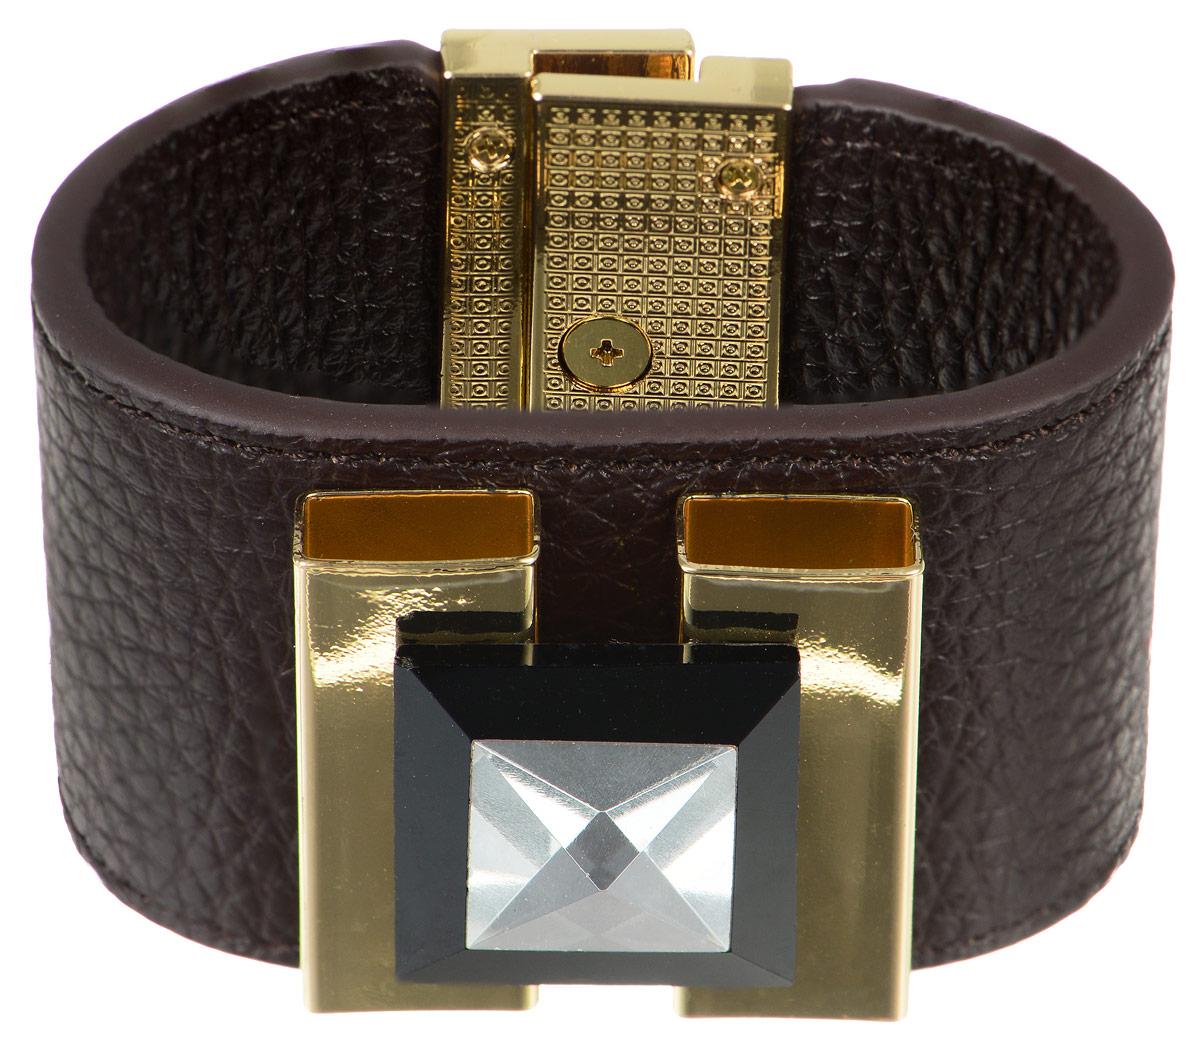 Браслет Art-Silver, цвет: темно-коричневый, золотистый. ТКР13-850. Размер 19ТКР13-850Оригинальный браслет Art-Silver выполнен из натуральной кожи и оформлен декоративным элементом из бижутерного сплава с кристаллом. Браслет на удобном замке-вертушке, благодаря которому модель идеально фиксируется на руке. Такой браслет позволит вам с легкостью воплотить самую смелую фантазию и создать собственный, неповторимый образ.